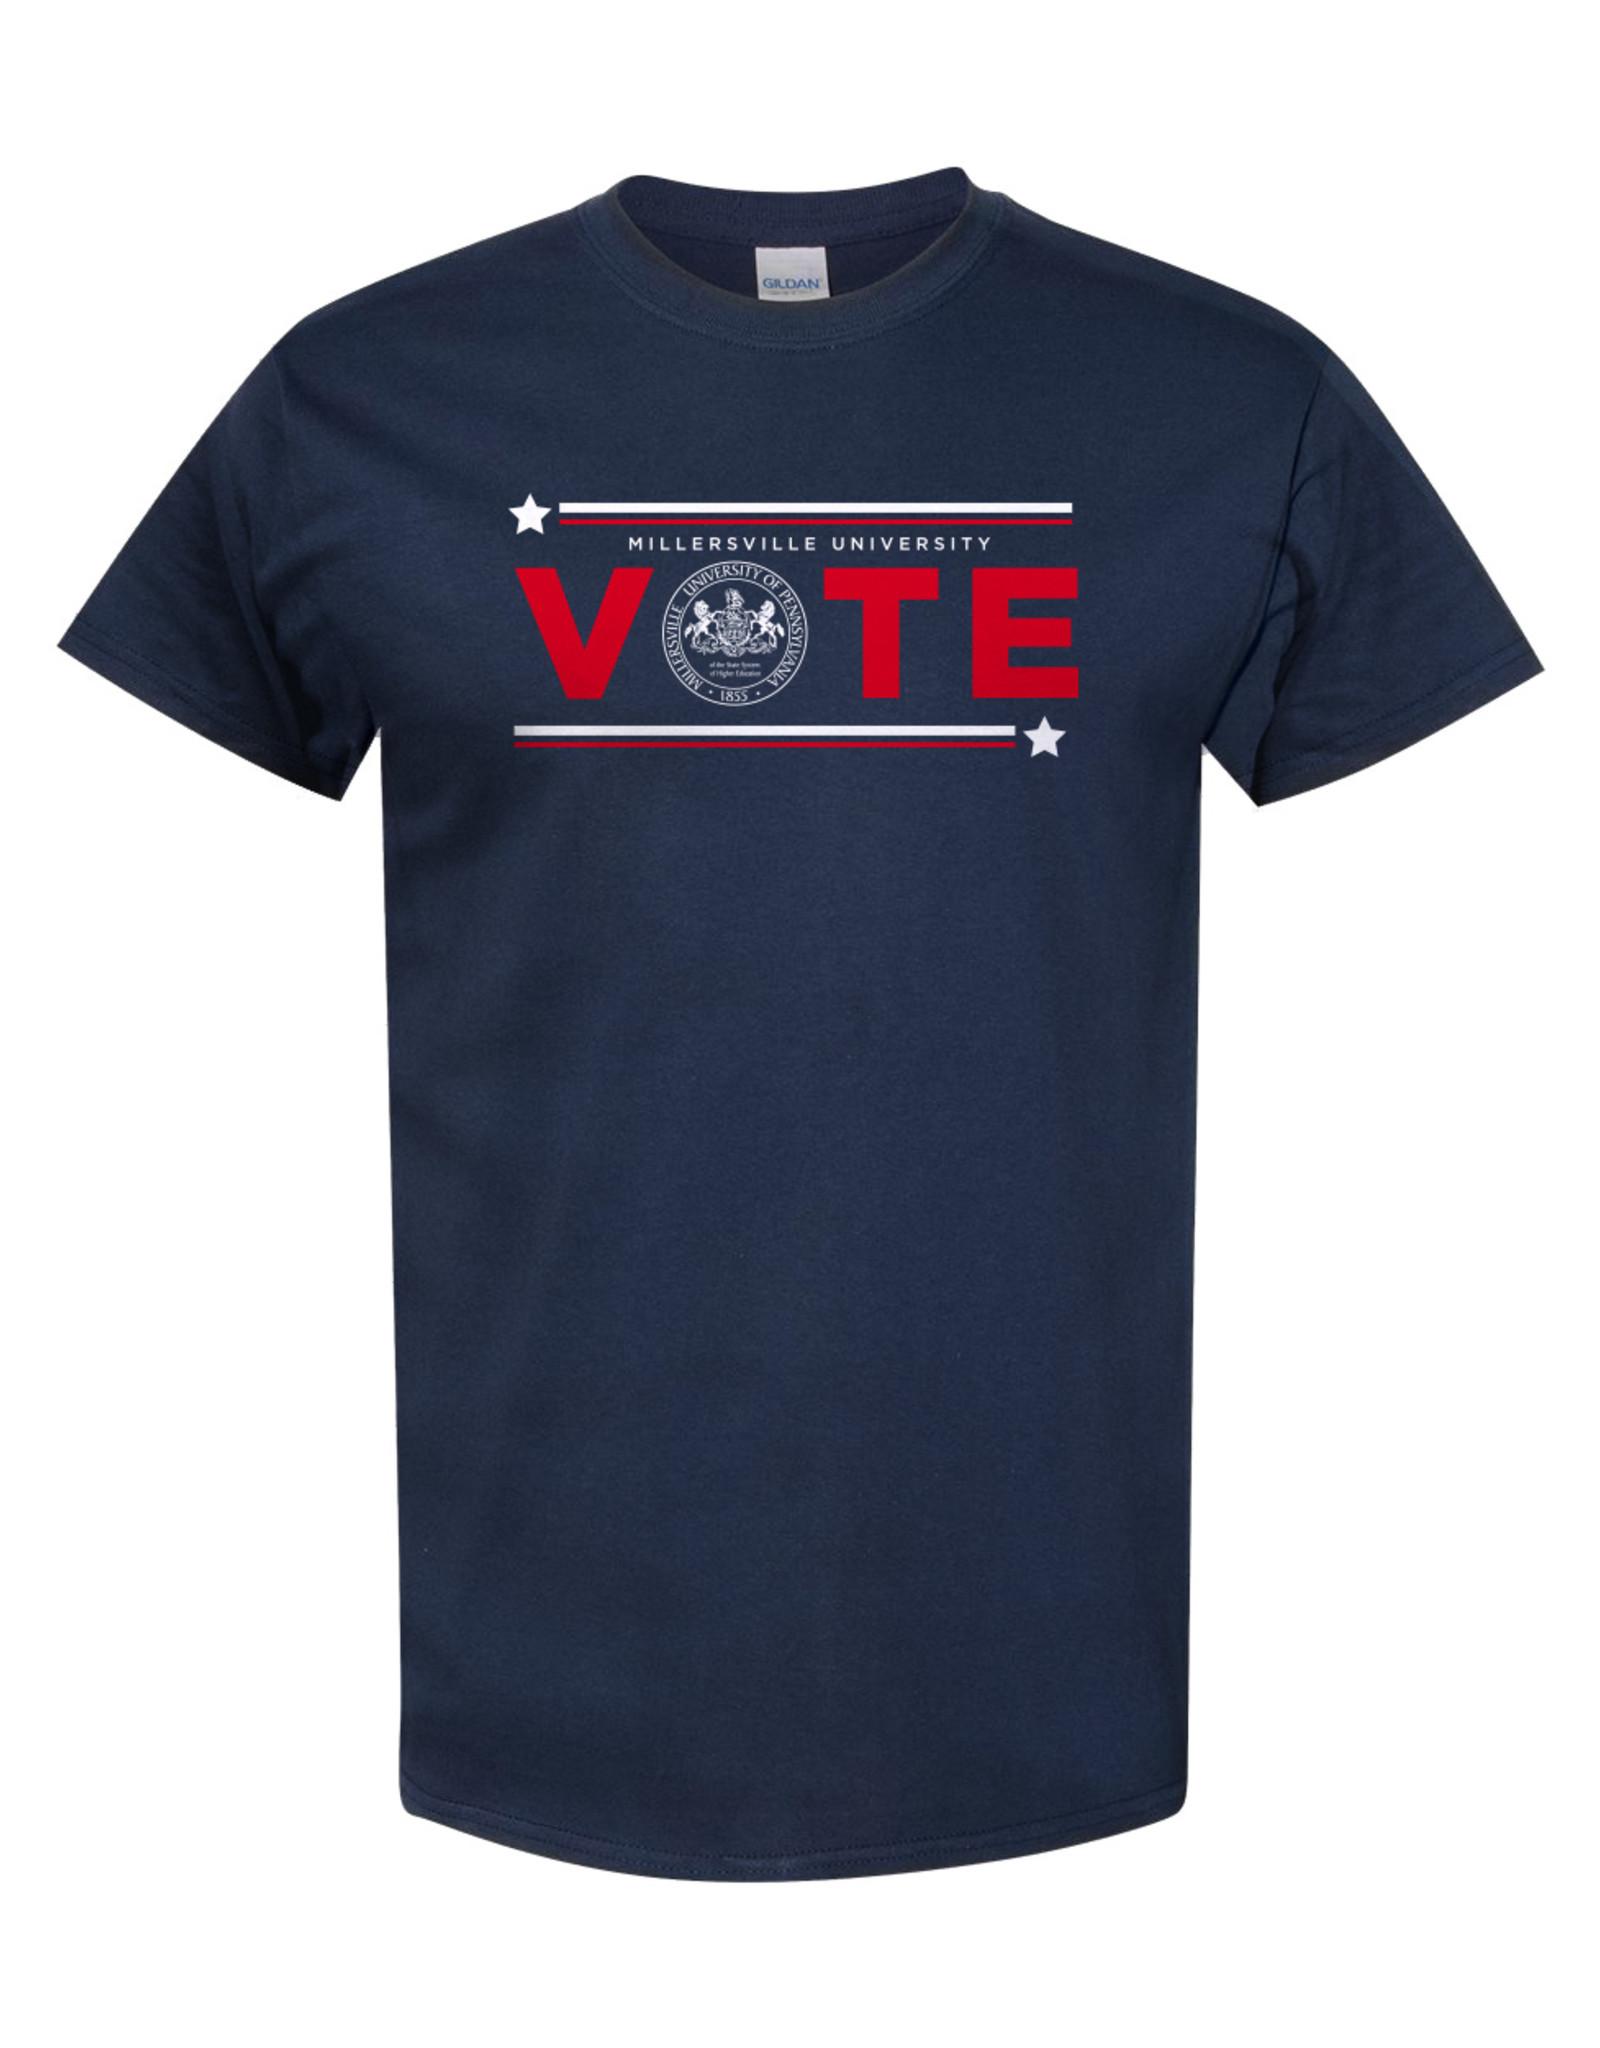 Vote Tee Navy